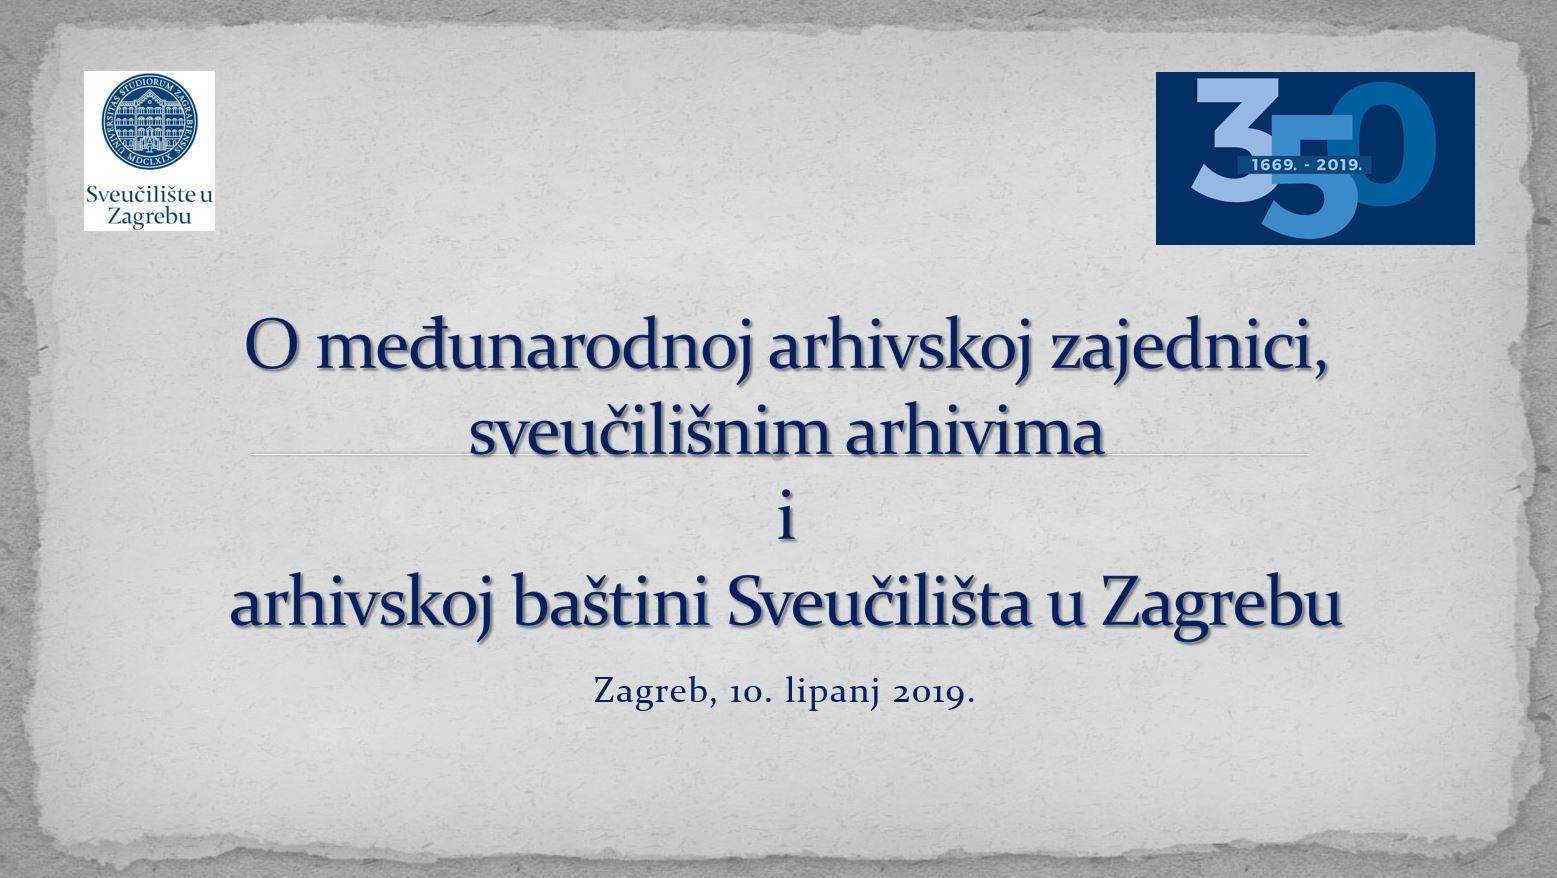 O međunarodnoj arhivskoj zajednici, sveučilišnim arhivima i arhivskoj baštini Sveučilišta u Zagrebu